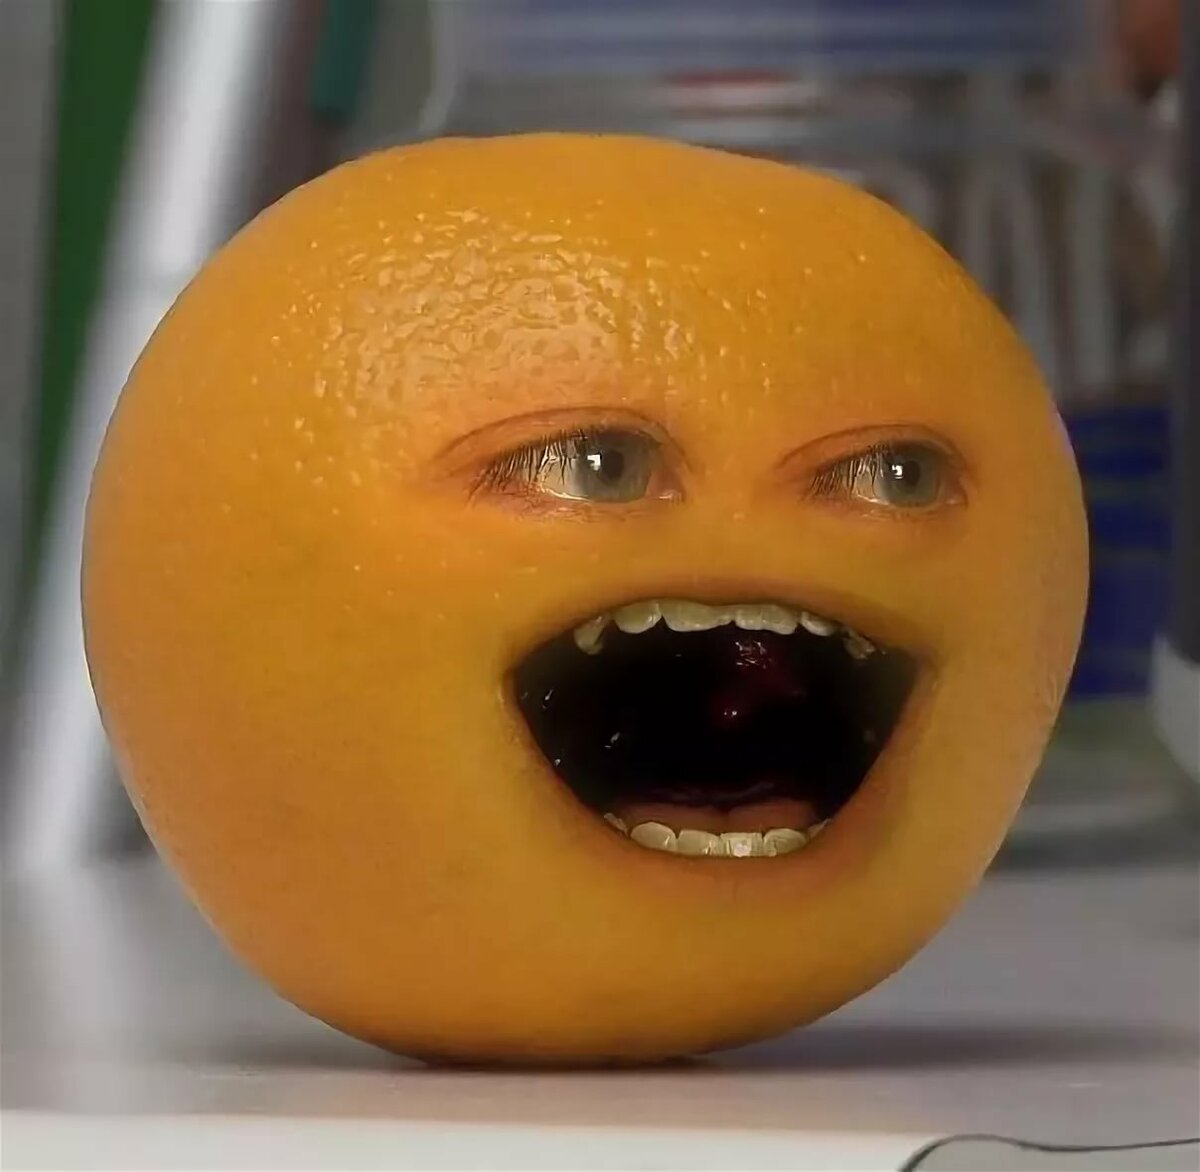 Картинка апельсин прикольный, ромео джульетта